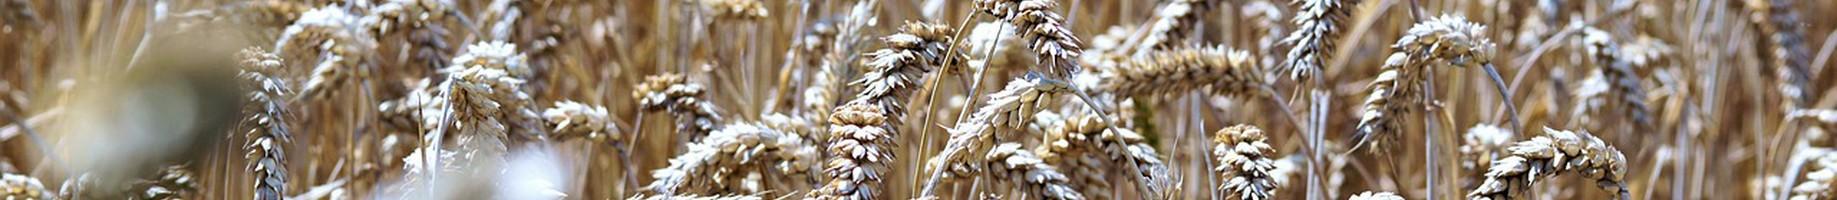 cereals-2595417_1280